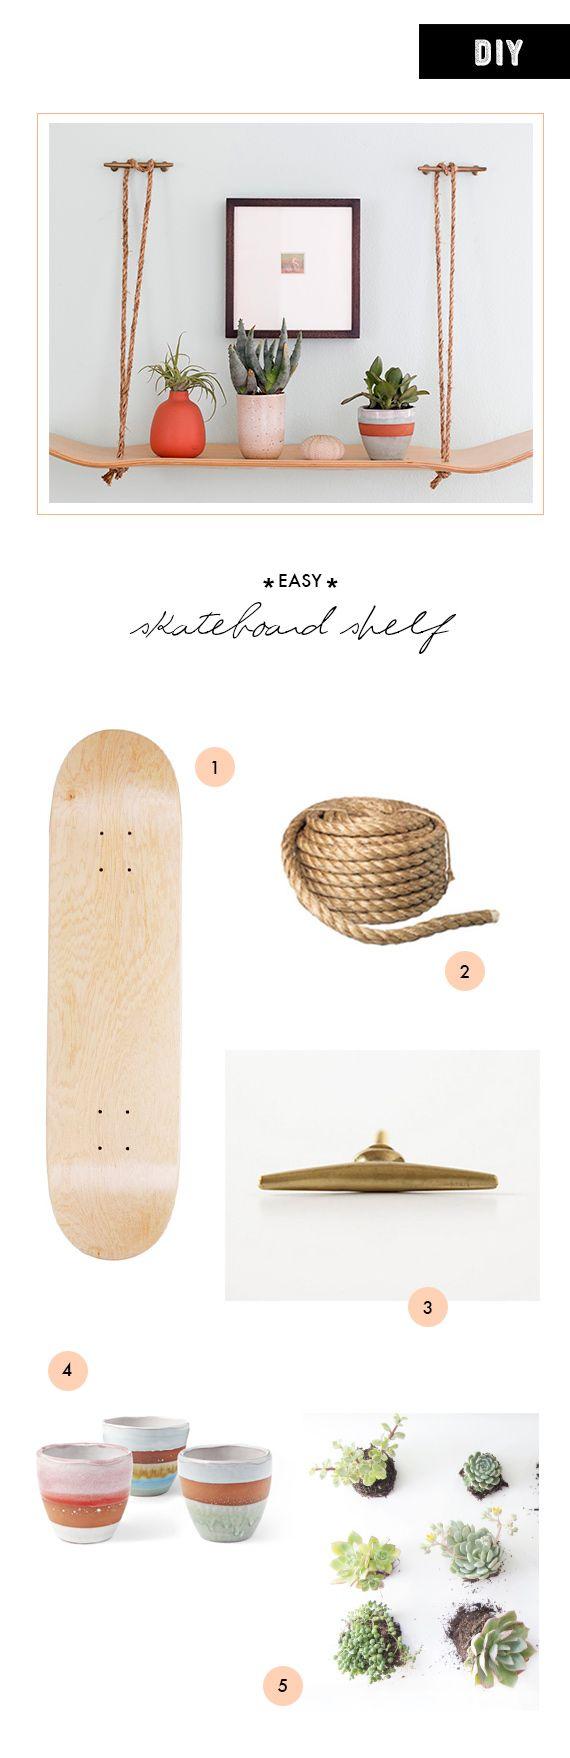 geinig diy pinterest deko ideen und skateboard m bel. Black Bedroom Furniture Sets. Home Design Ideas